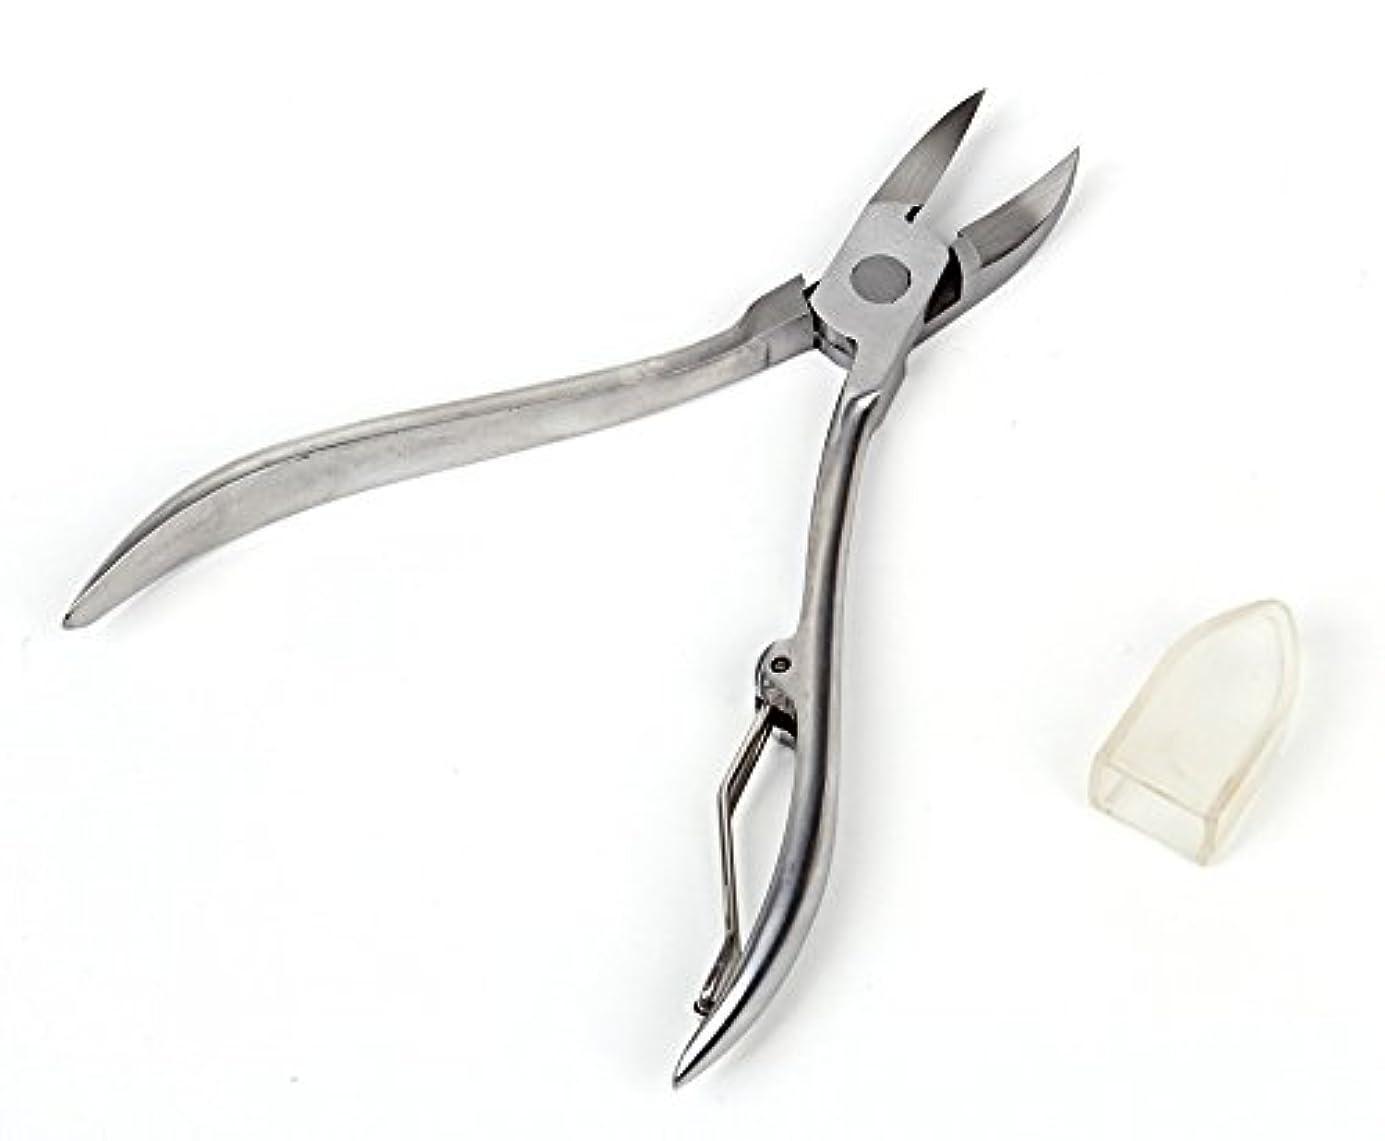 放課後ペチュランス会社巻きづめ 用 ニッパー式 爪切り カッター はさみ